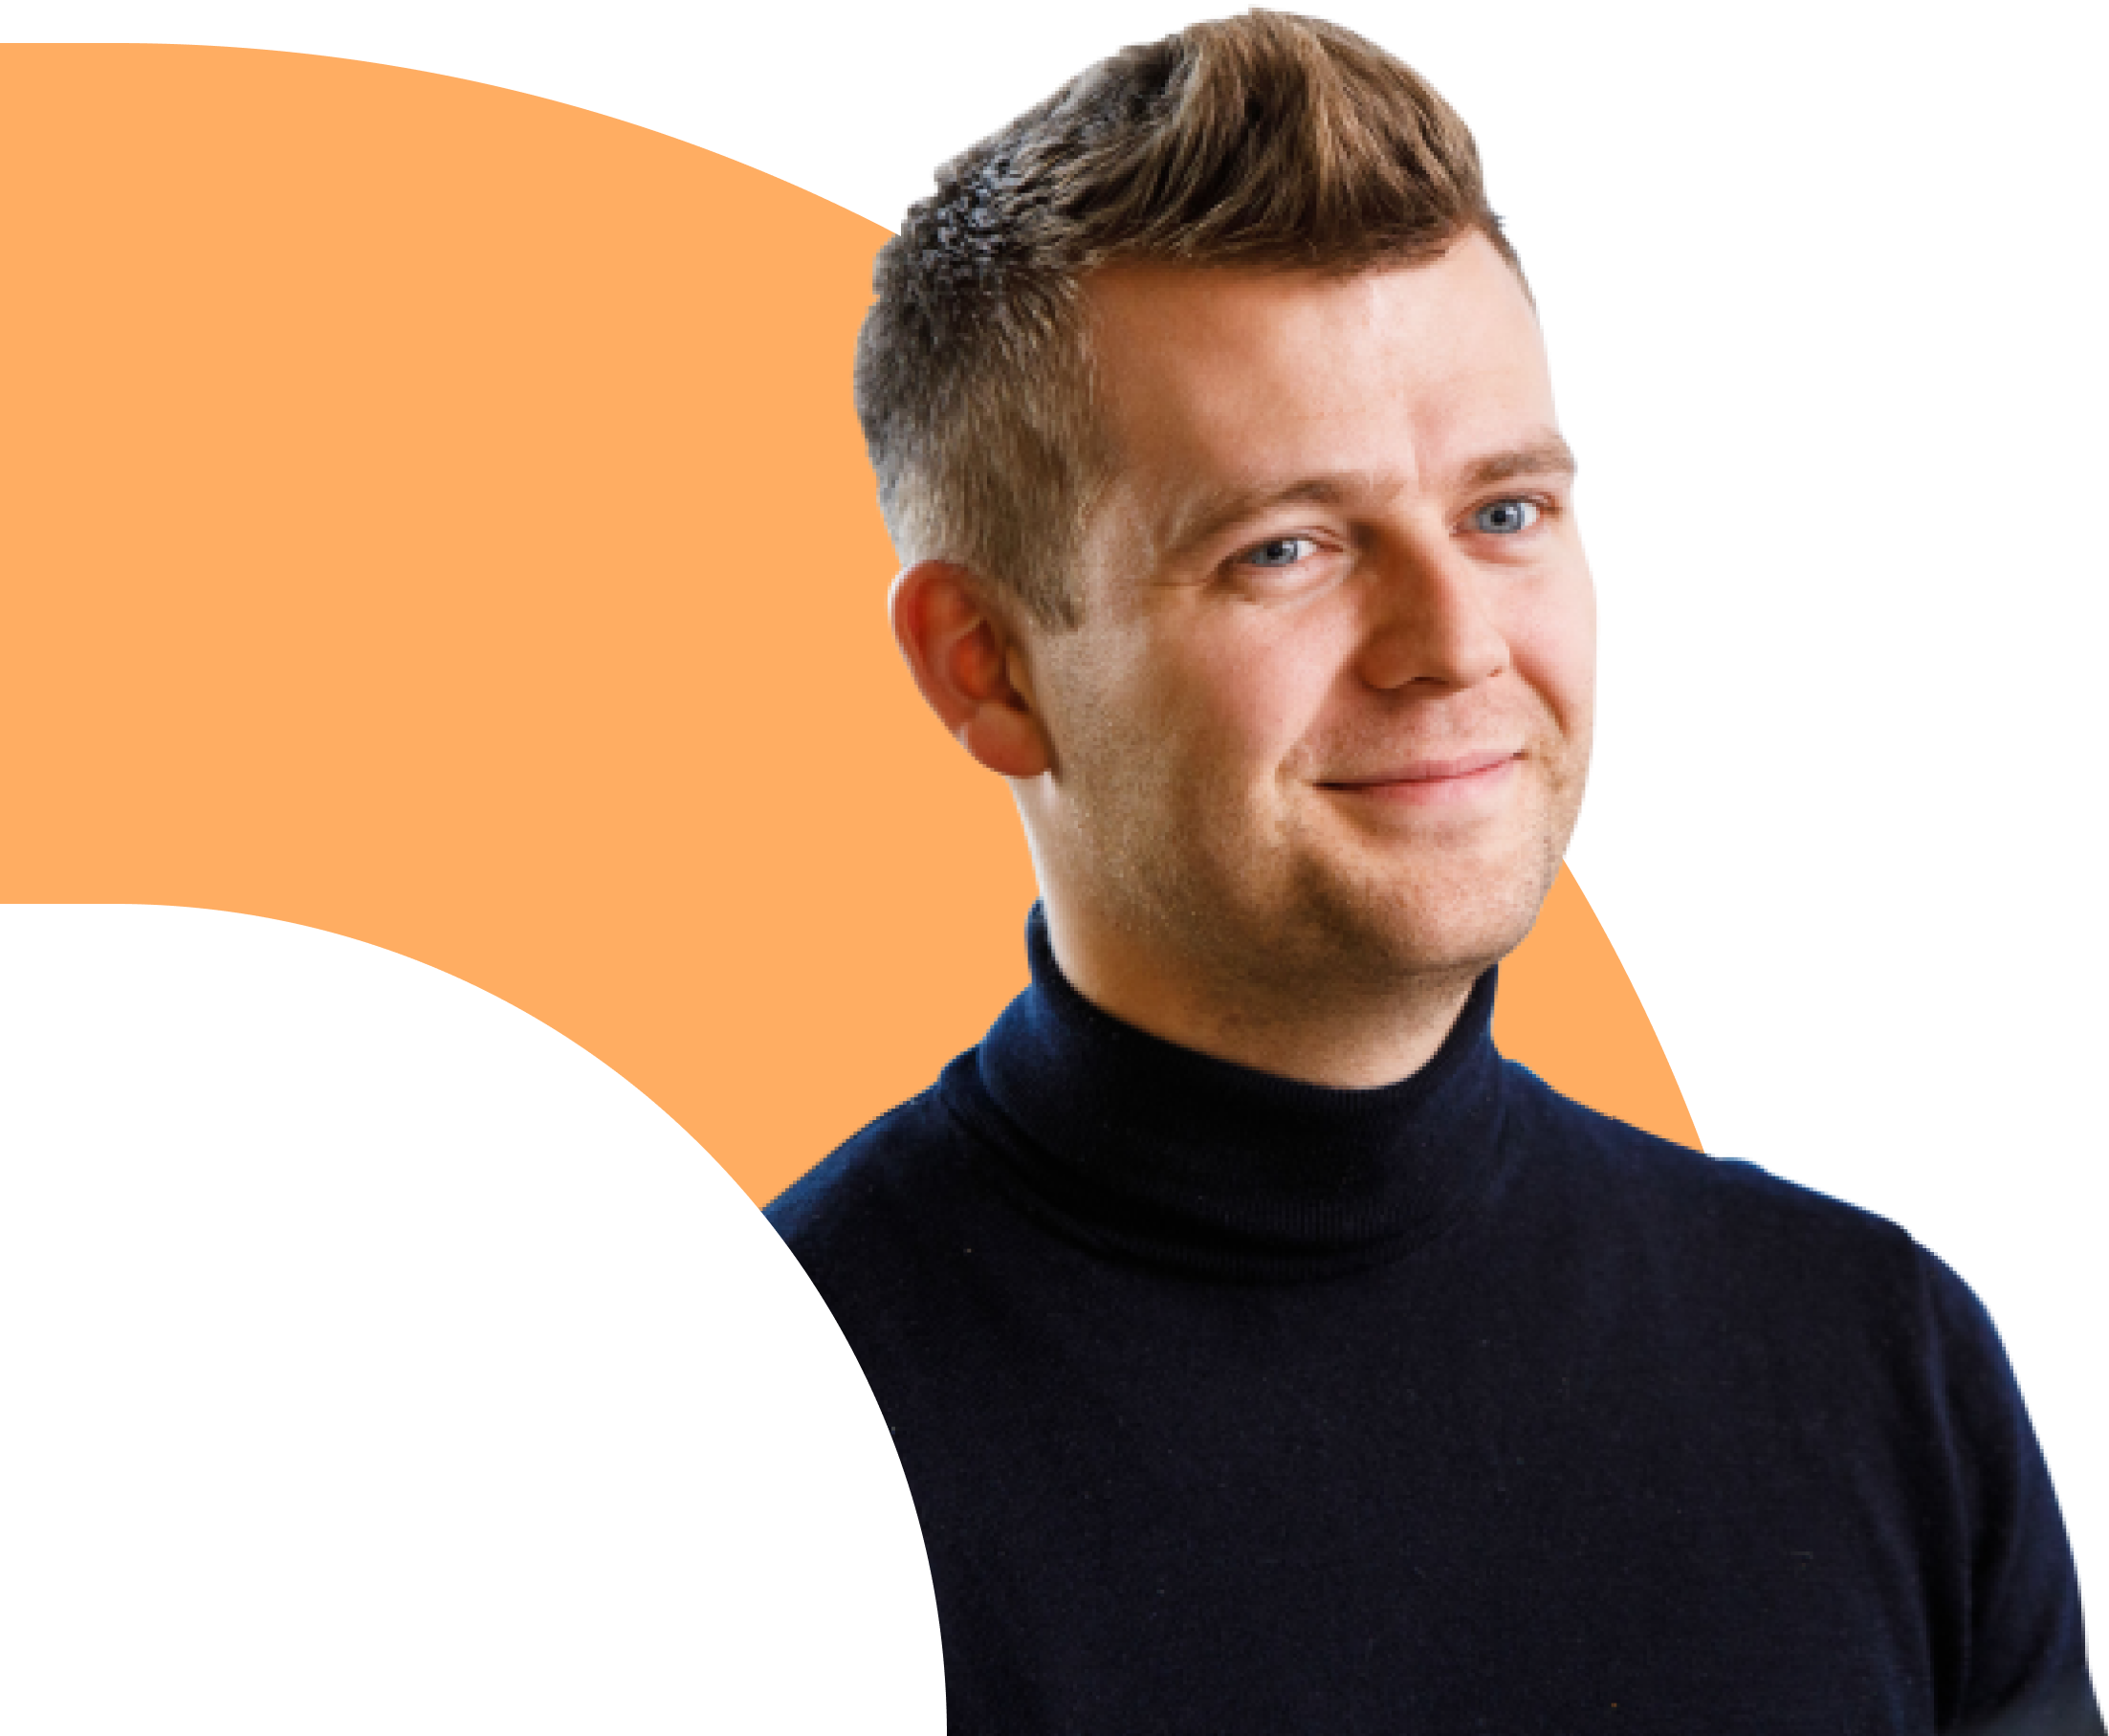 Albert Hauksson, Lead UX Designer and Design Team Lead at Meniga